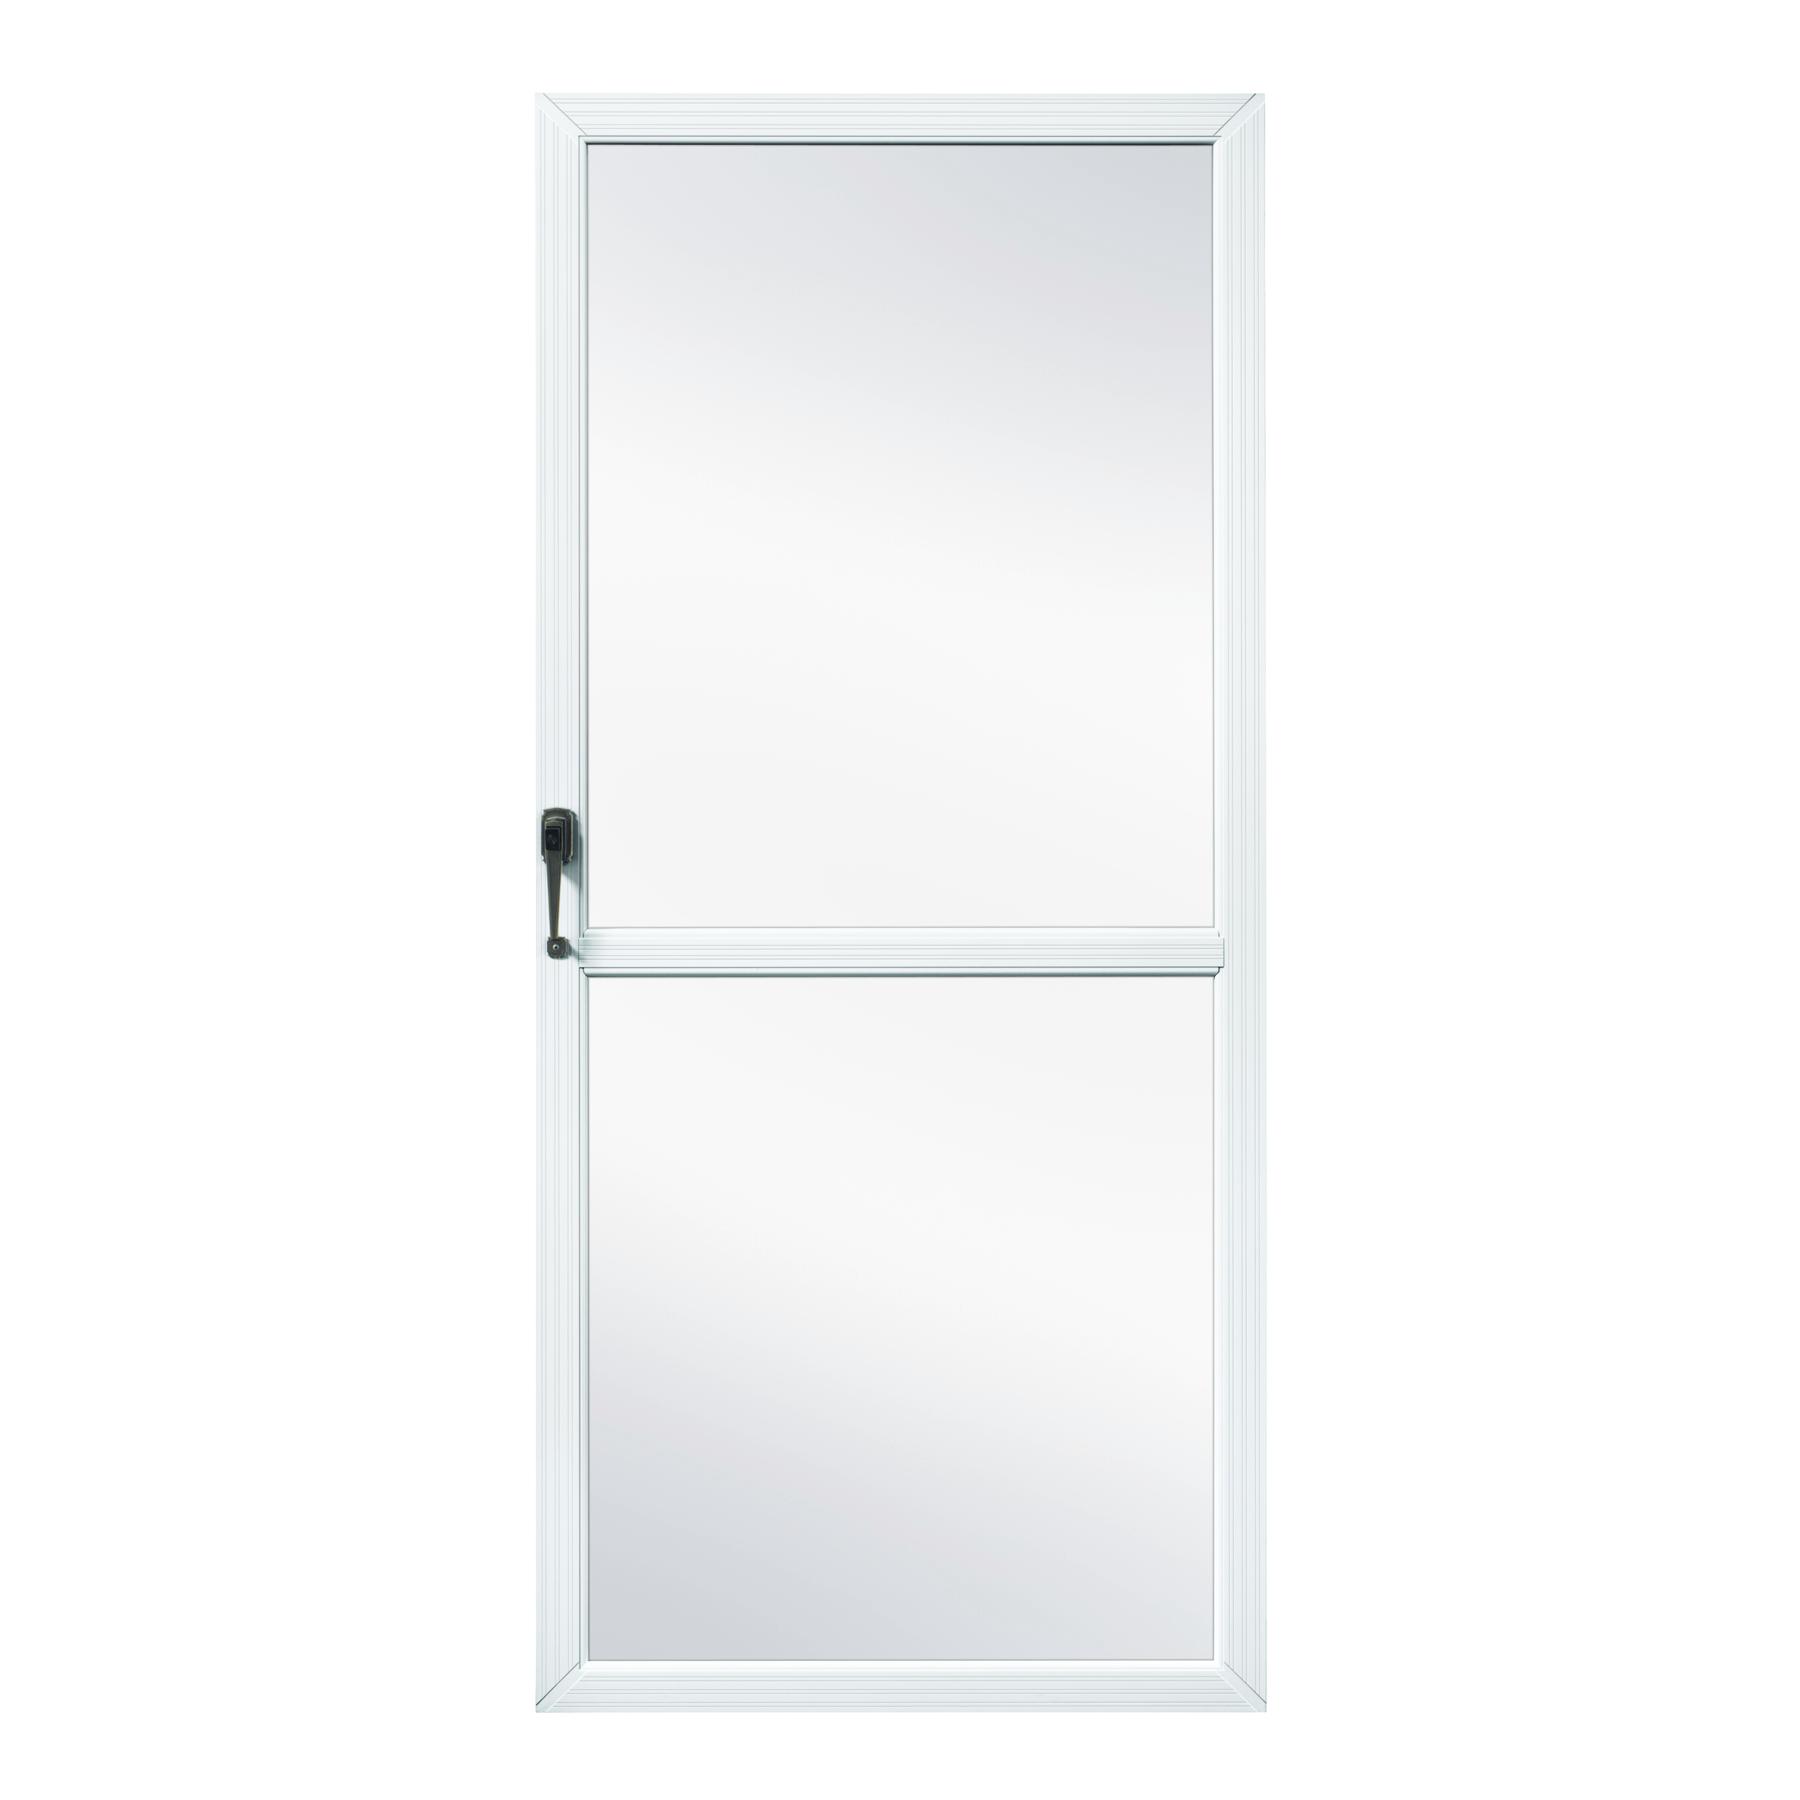 Fox weldoor model 200 custom storm door for Custom storm doors